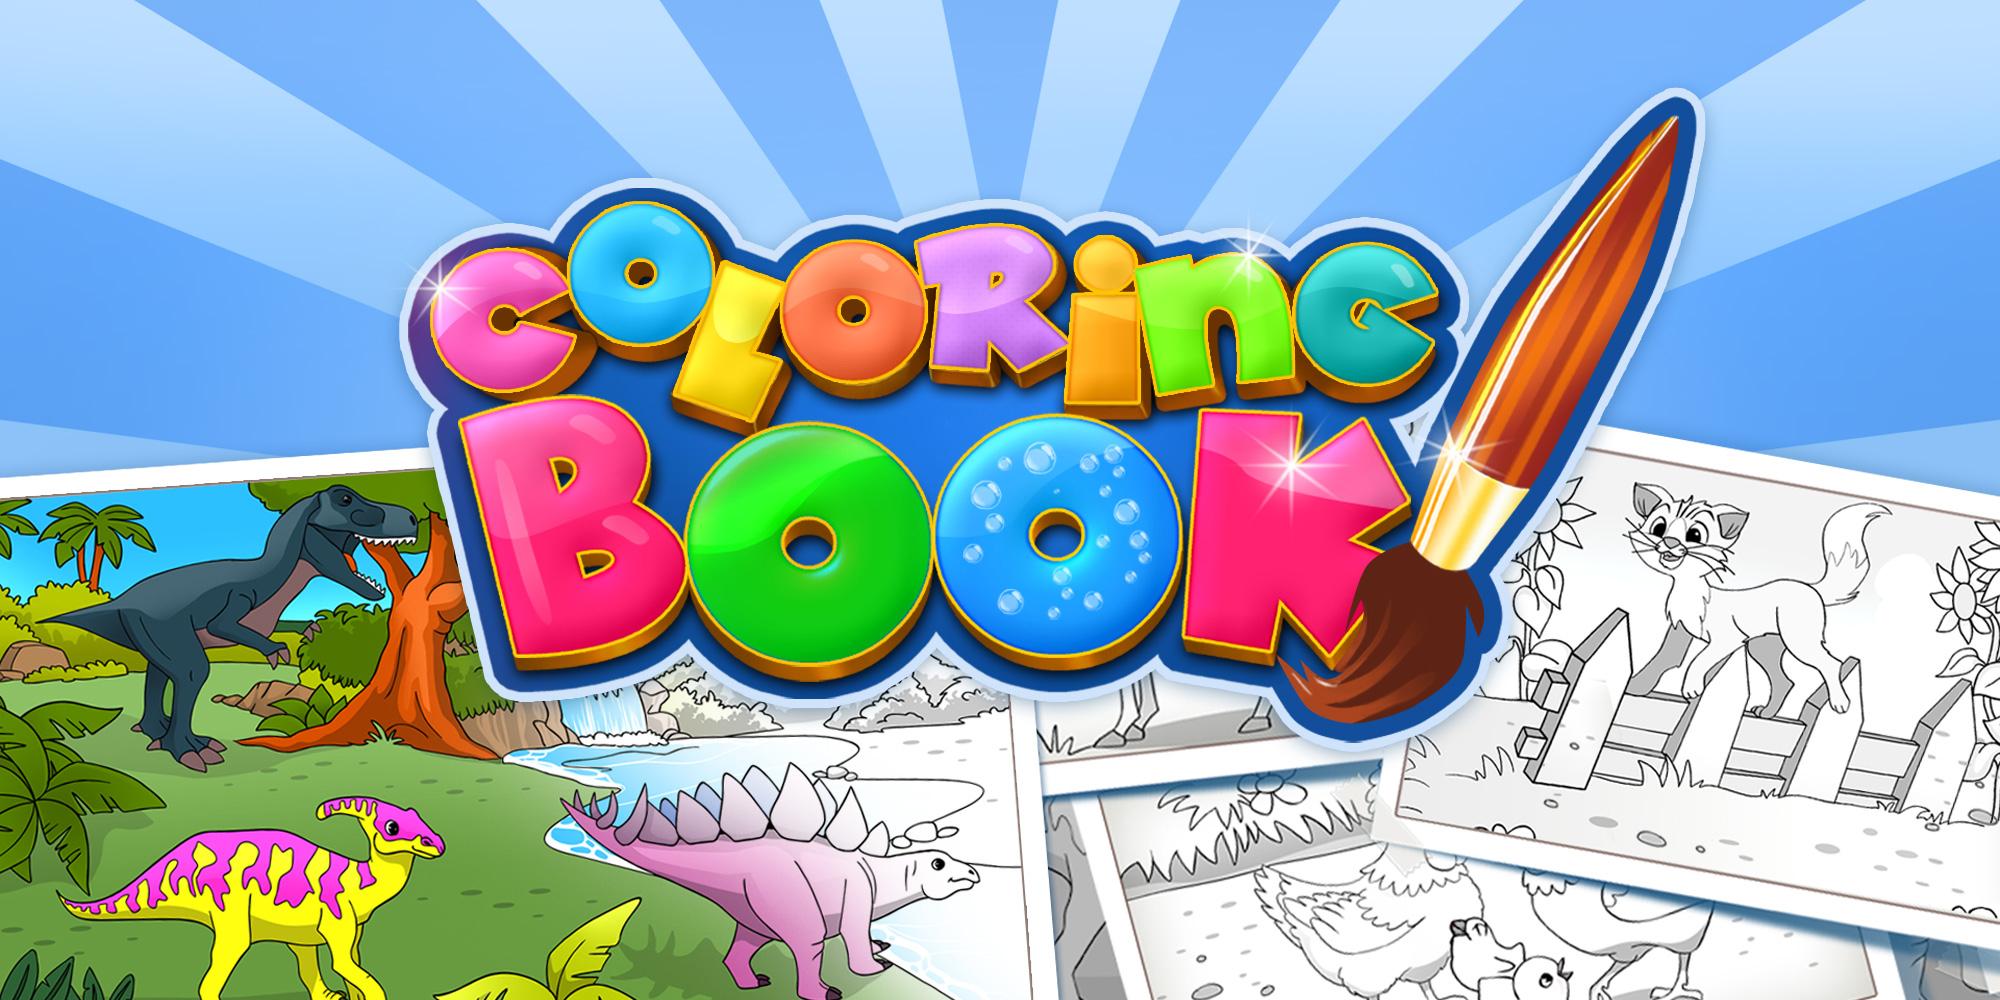 Coloring Book | Jeux À Télécharger Sur Nintendo Switch à Tous Les Jeux Gratuits Pour Filles